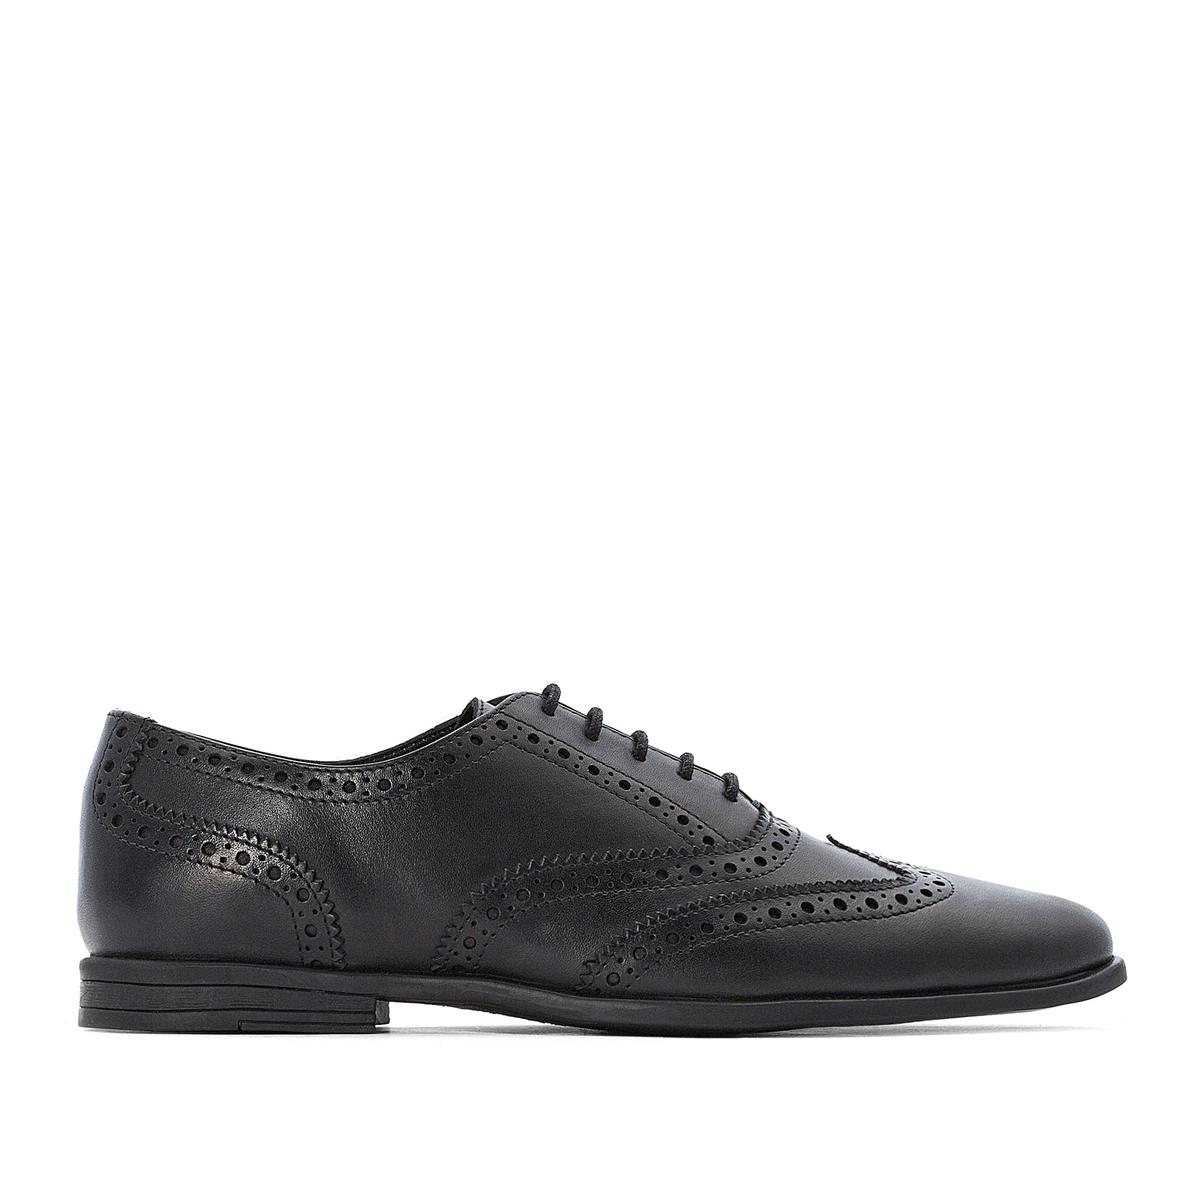 Ботинки-дерби La Redoute Кожаные на шнуровке 44 черный цена 2017